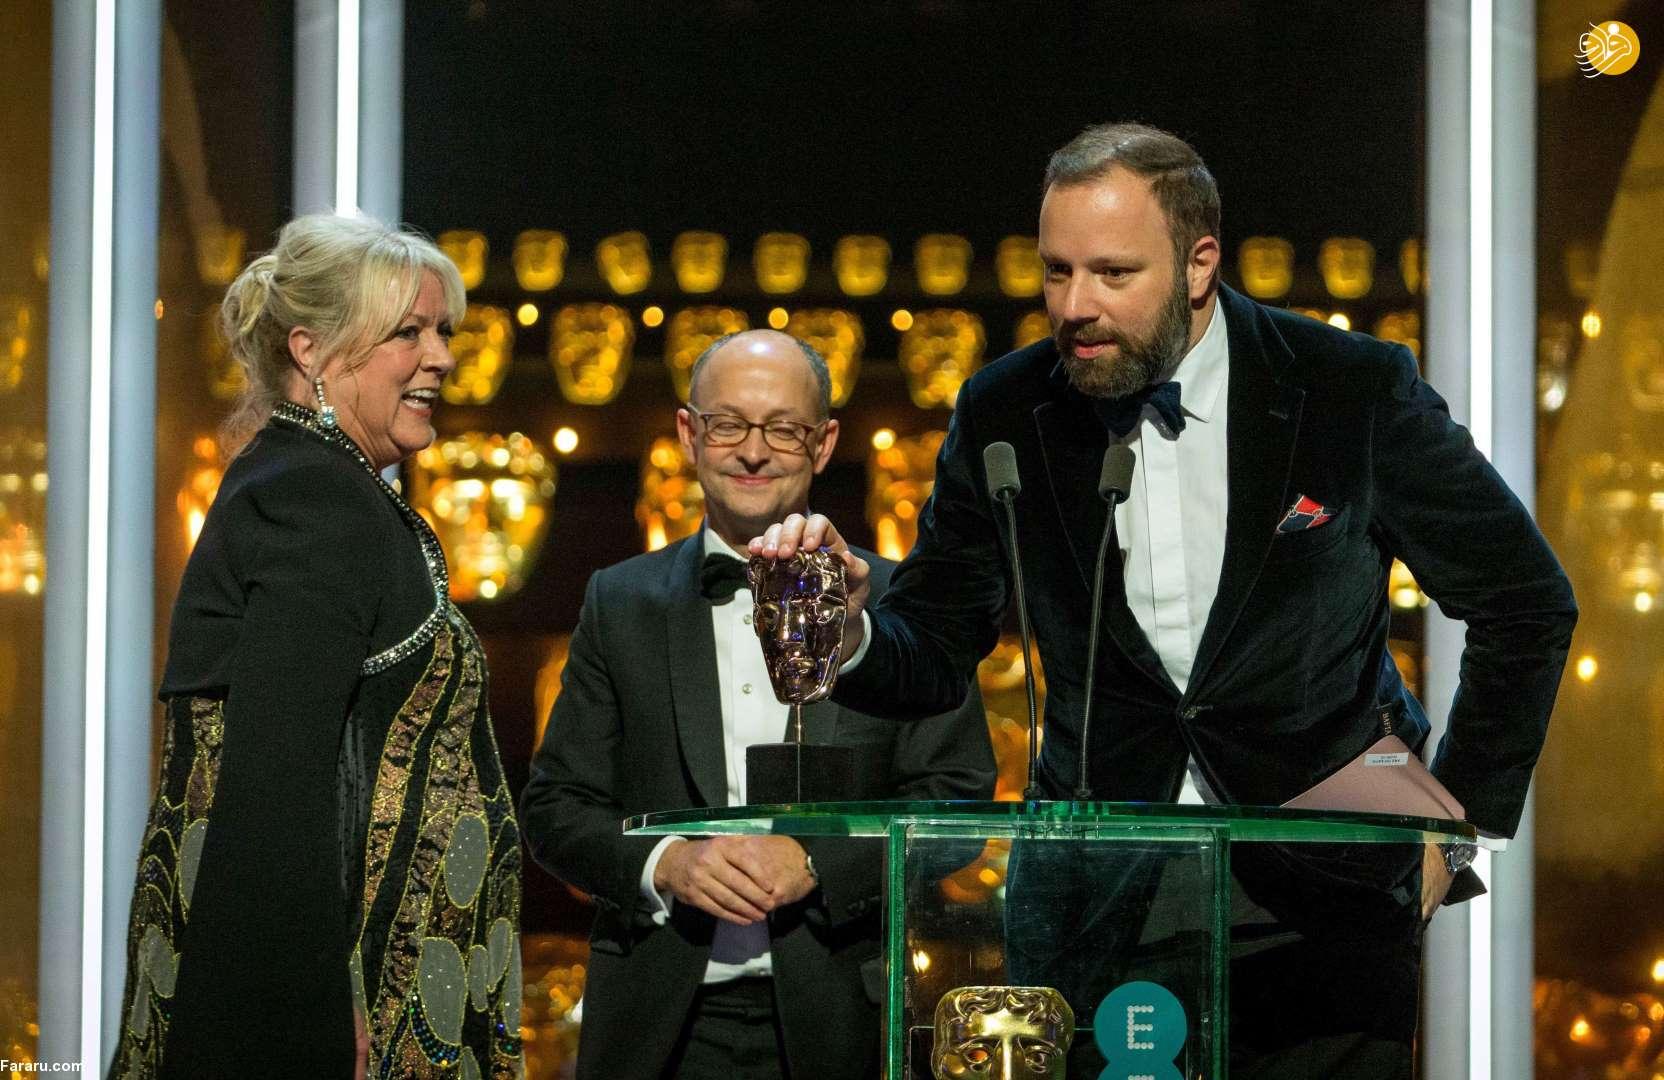 (تصاویر) مراسم اهدای جوایز بفتا؛ درخشش سوگلی و رما - 14